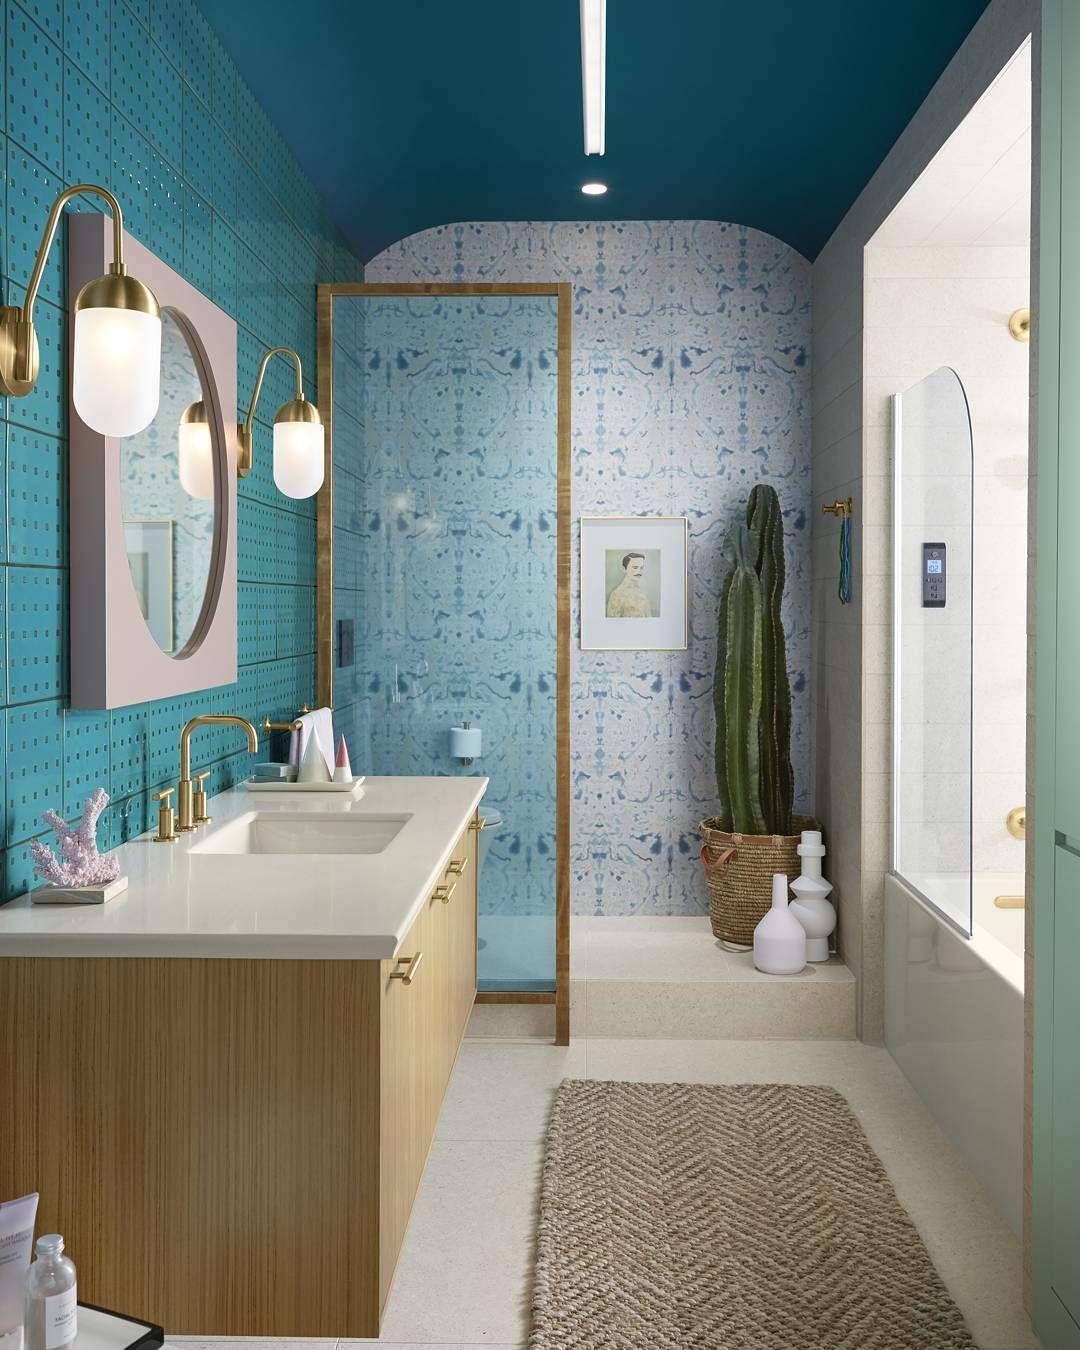 27 salles de bains presque trop belles pour être vraies on home inspirations this year the perfect dream bathrooms diy bathroom ideas id=56340